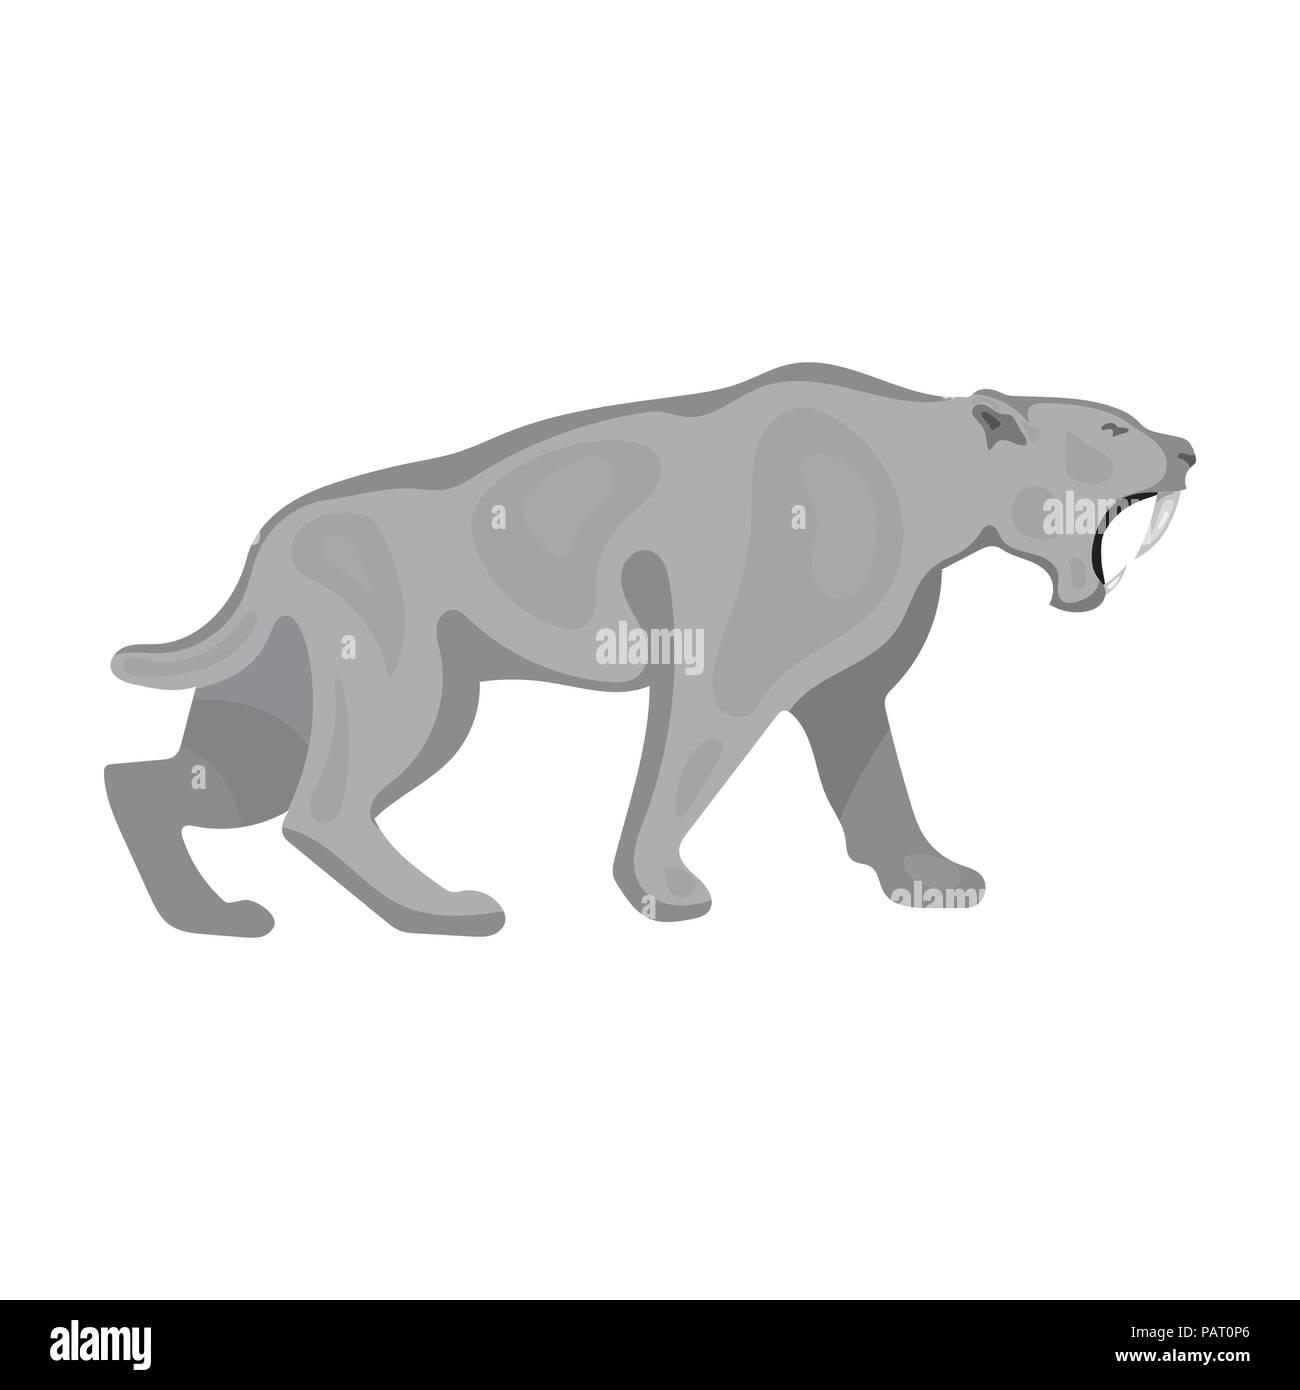 Tiger In Monochrome Imágenes De Stock & Tiger In Monochrome Fotos De ...